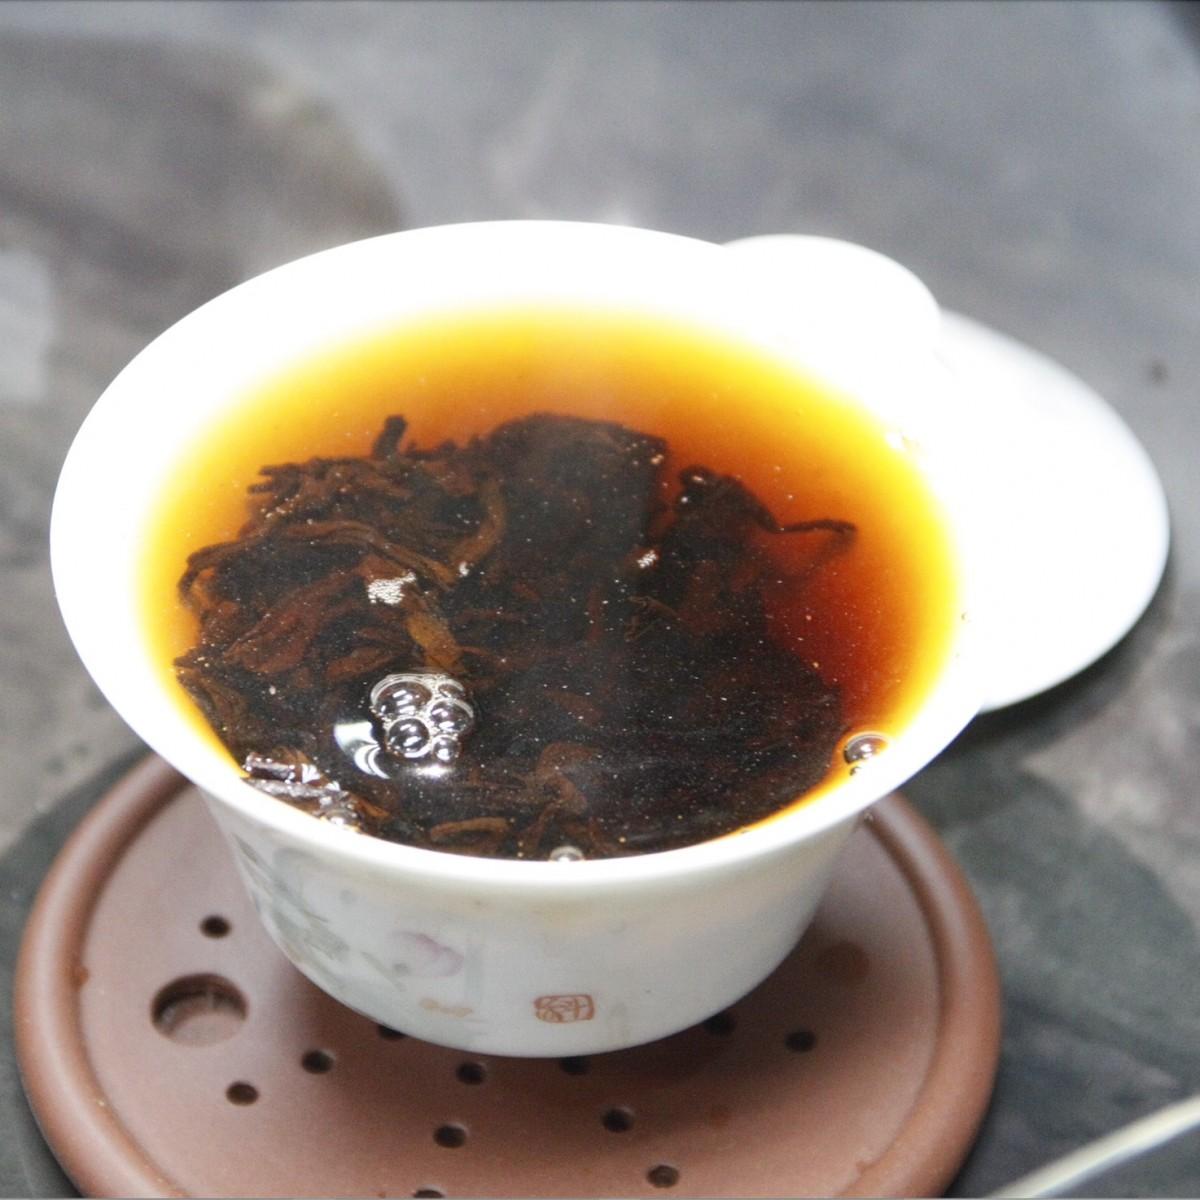 56_2012年布朗山普洱熟茶 (100g、200g、500g随意选)